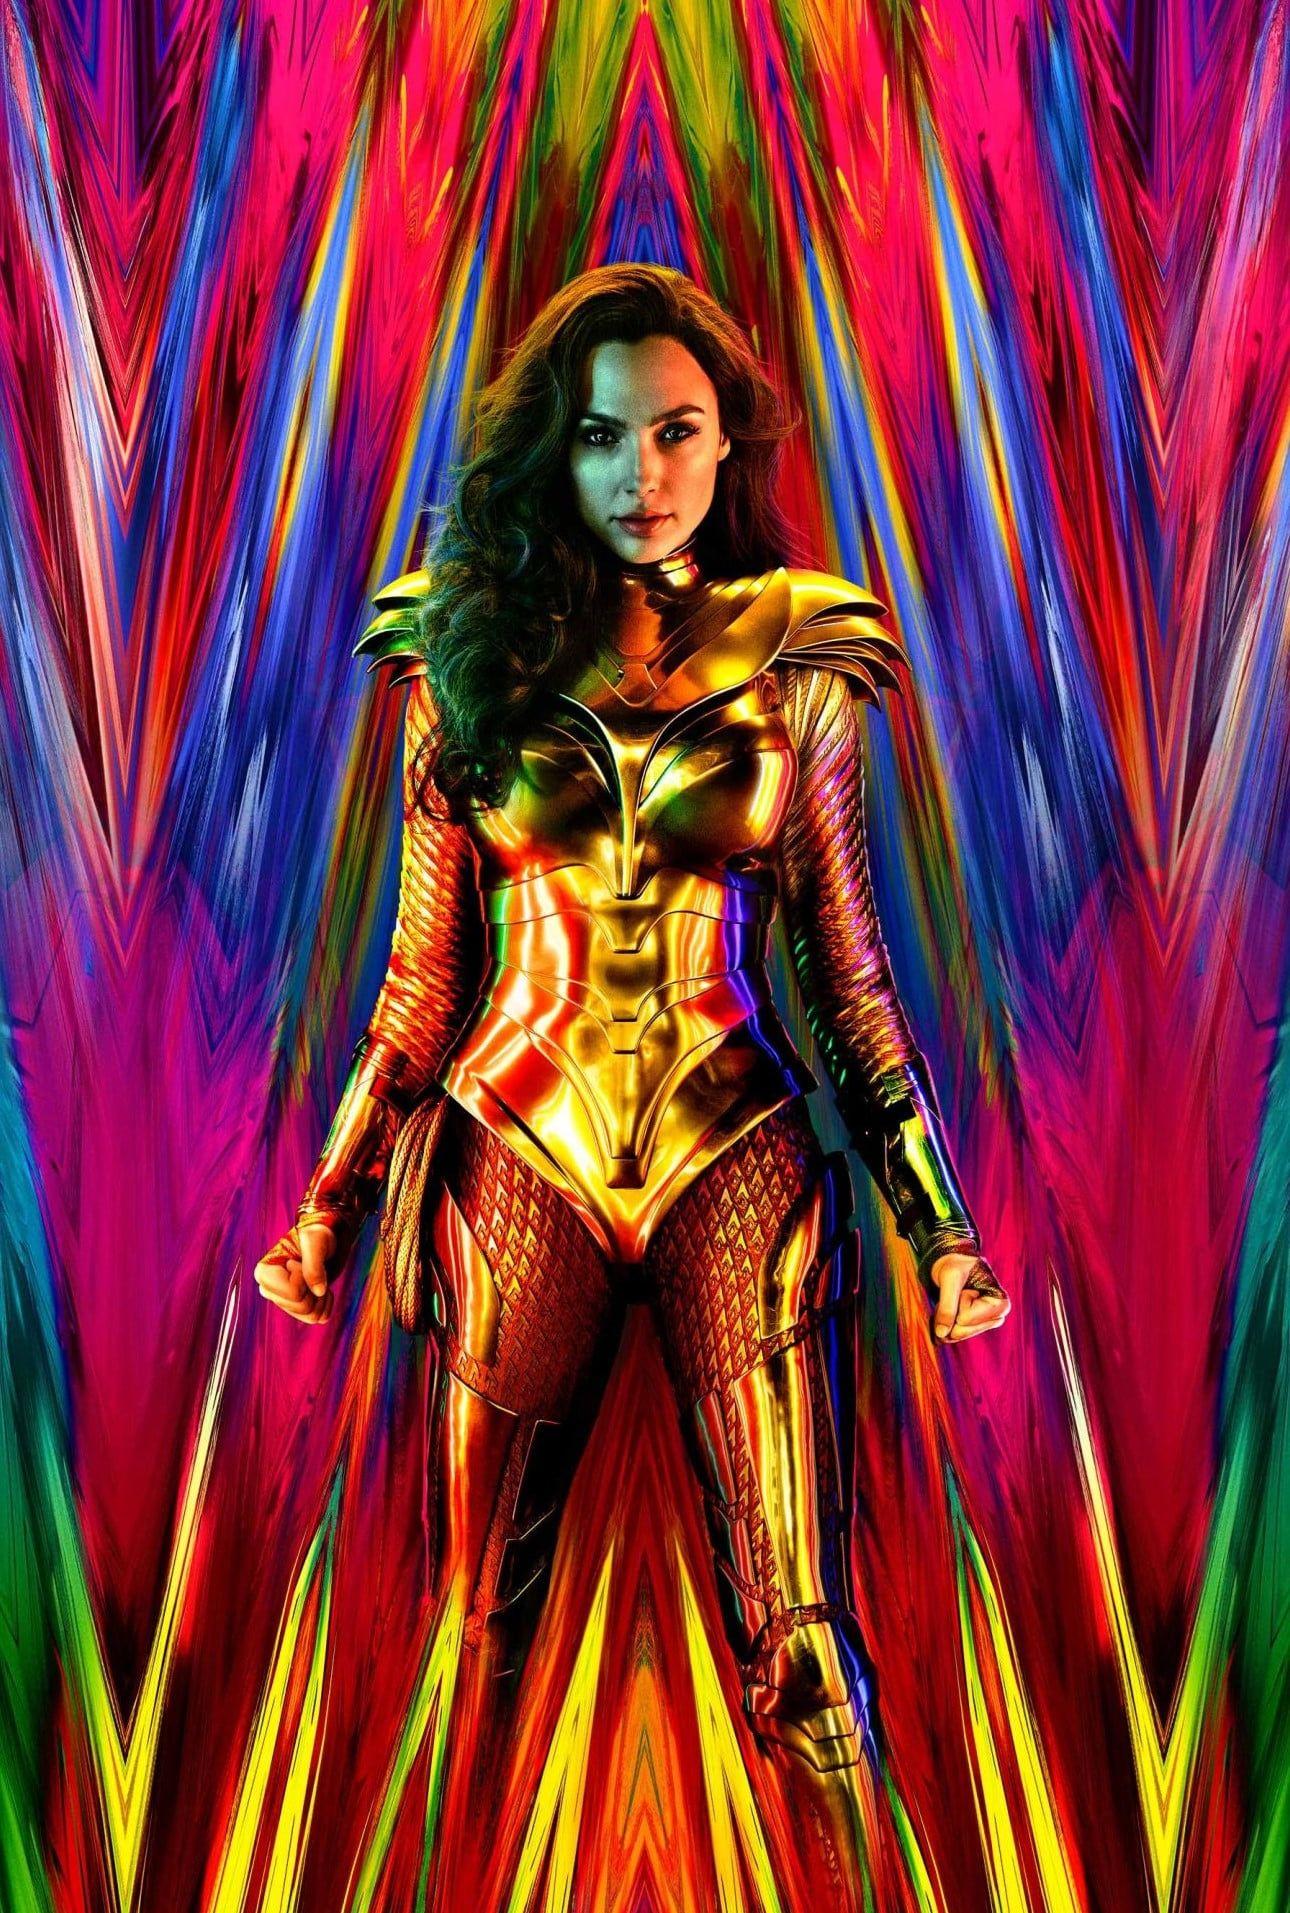 Hd Wonder Woman 1984 10007 8658 Film Completo Italiano Dall Inizio Alla Fine Gratis Wonder Woman Wonder Woman Art Gal Gadot Wonder Woman Wonder Woman